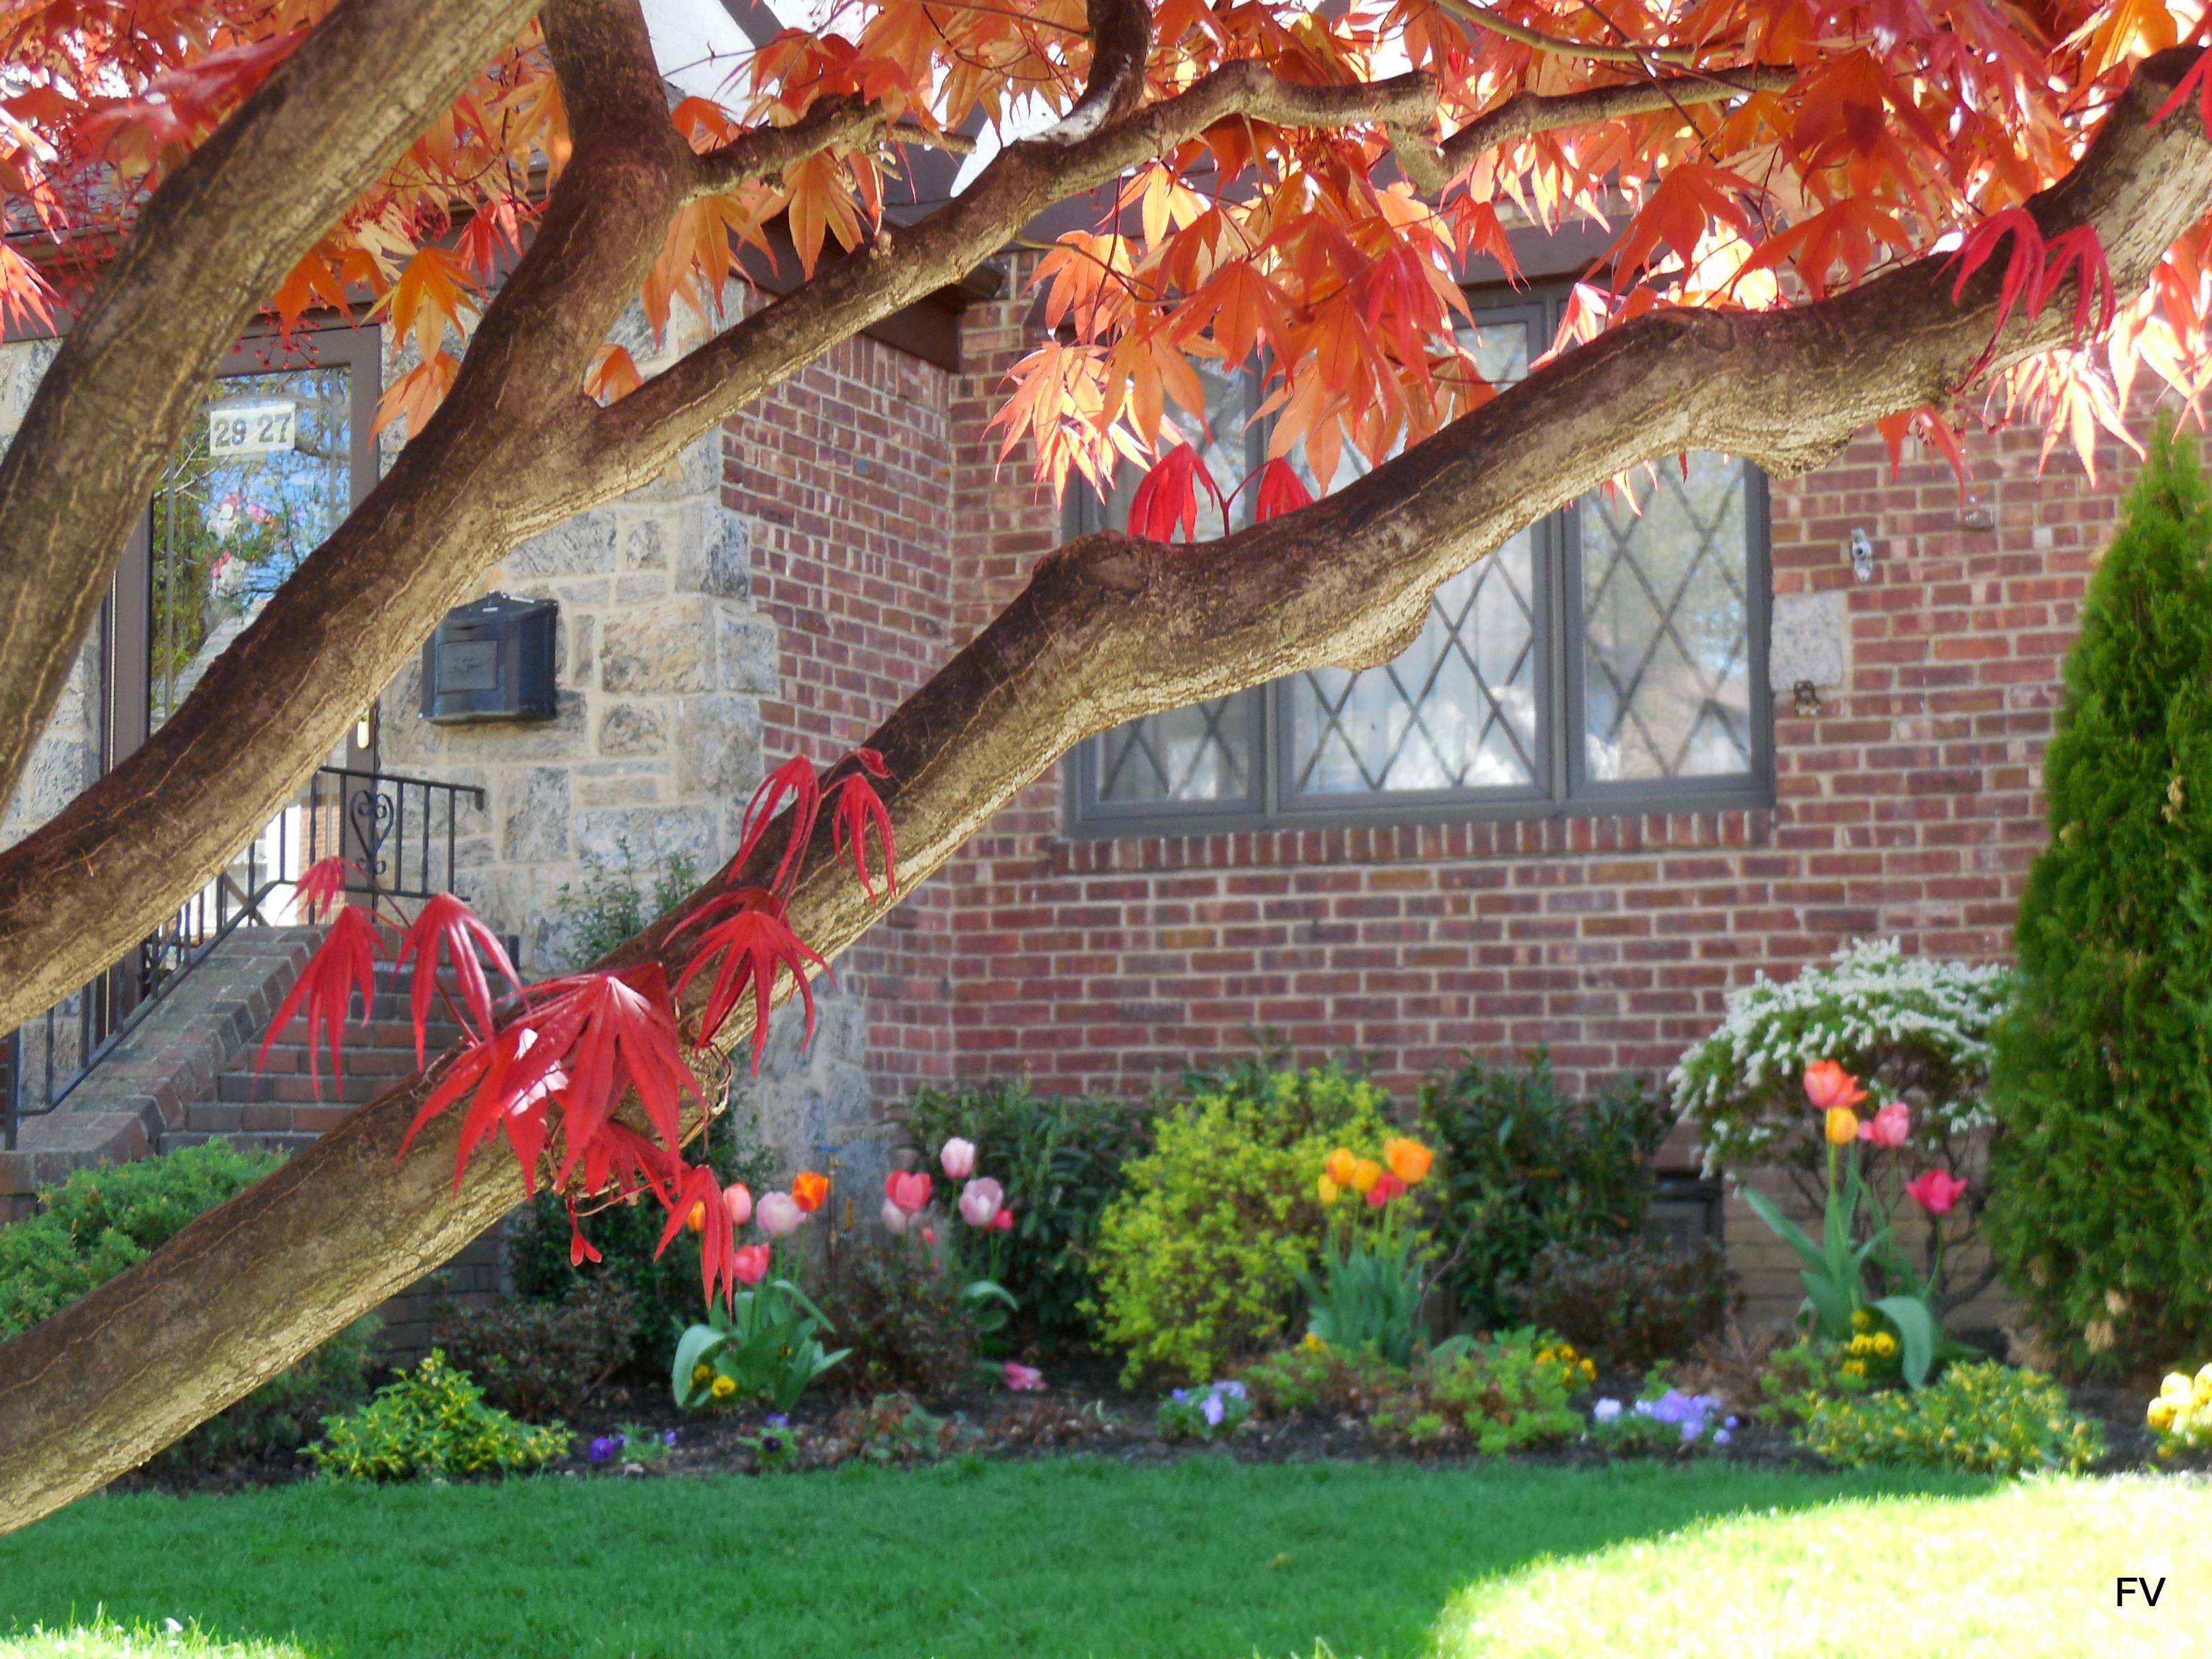 gardenawardwinner201929-27 168 St.A